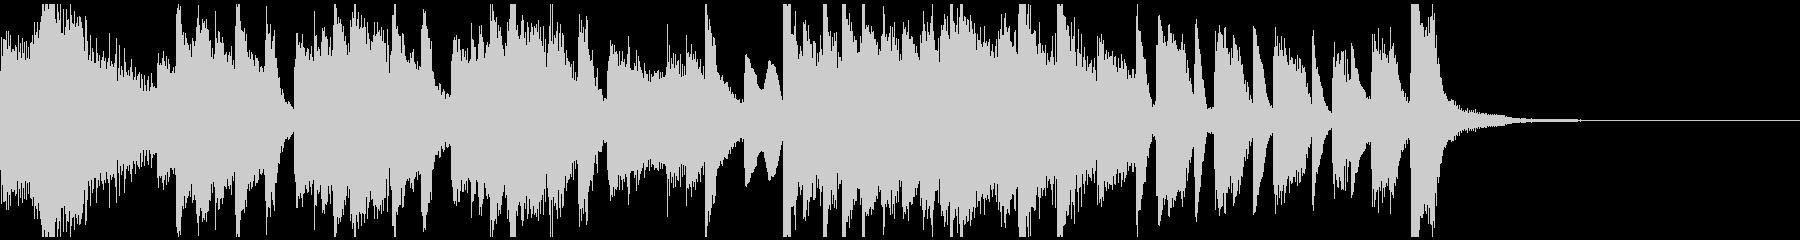 激しく明るいピアノソロ・ジングルの未再生の波形